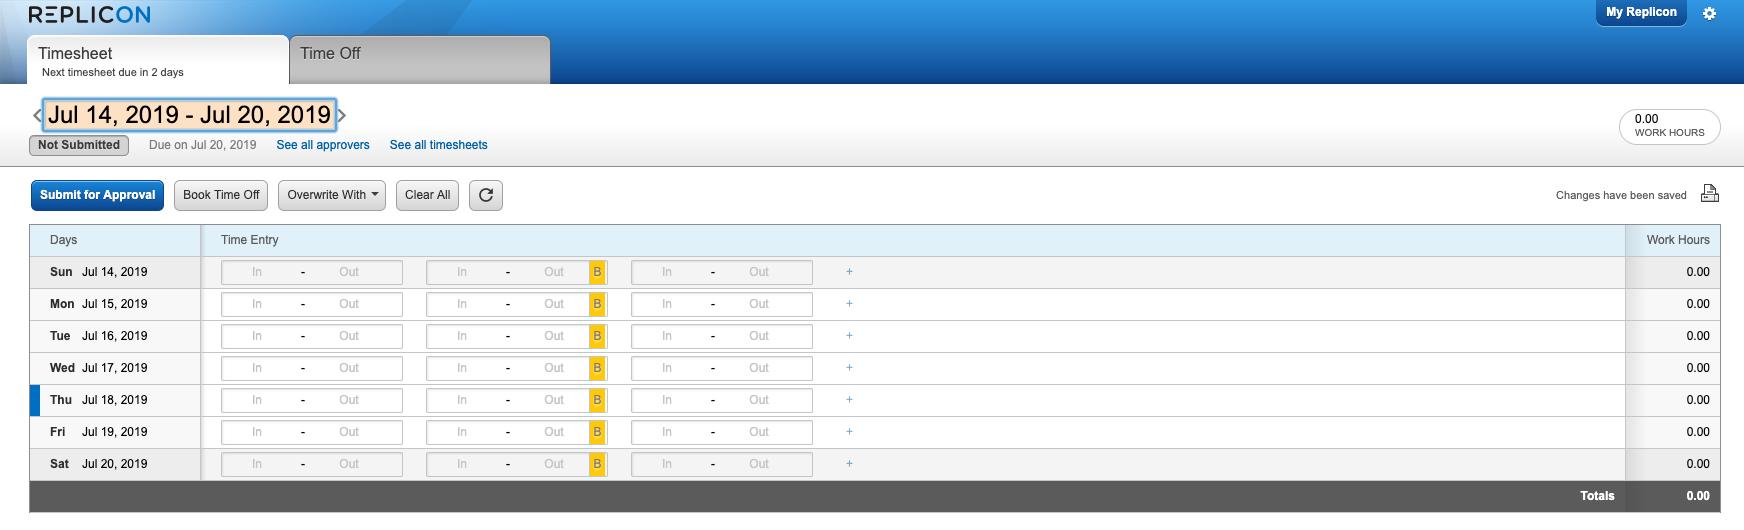 Replicon_Desktop_Timsheet.png